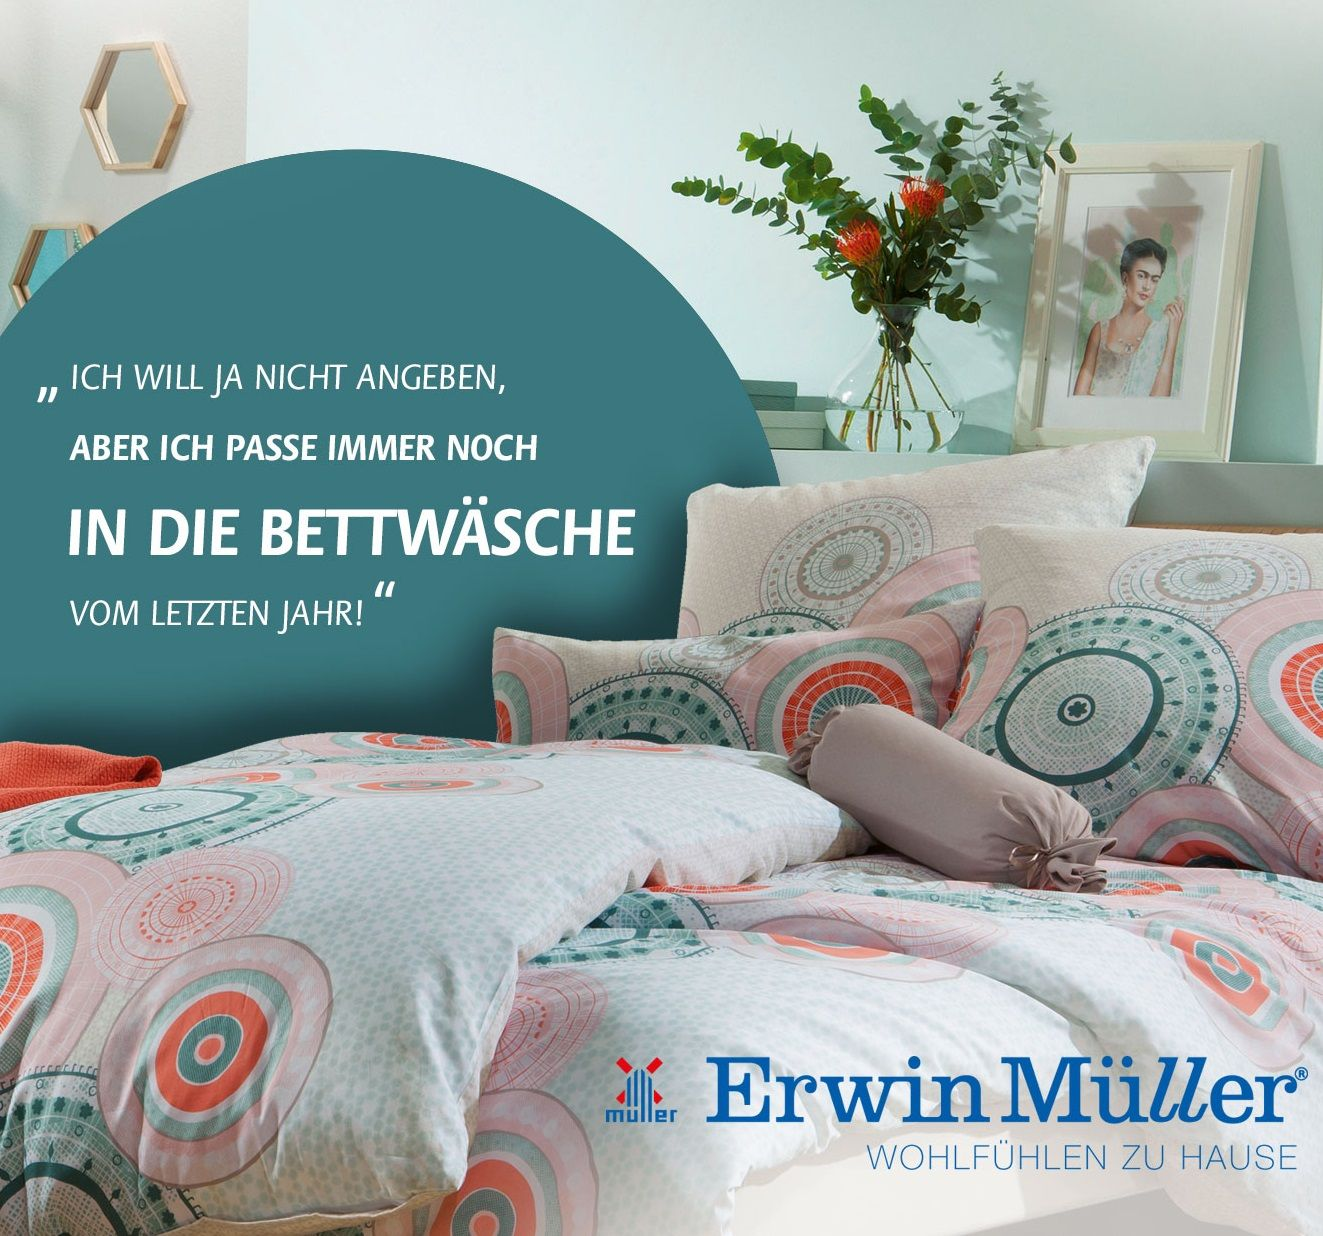 Full Size of Lustige Bettwäsche 155x220 Bettwsche Sprche 135x200 Kche T Shirt Coole Sprüche T Shirt Wohnzimmer Lustige Bettwäsche 155x220